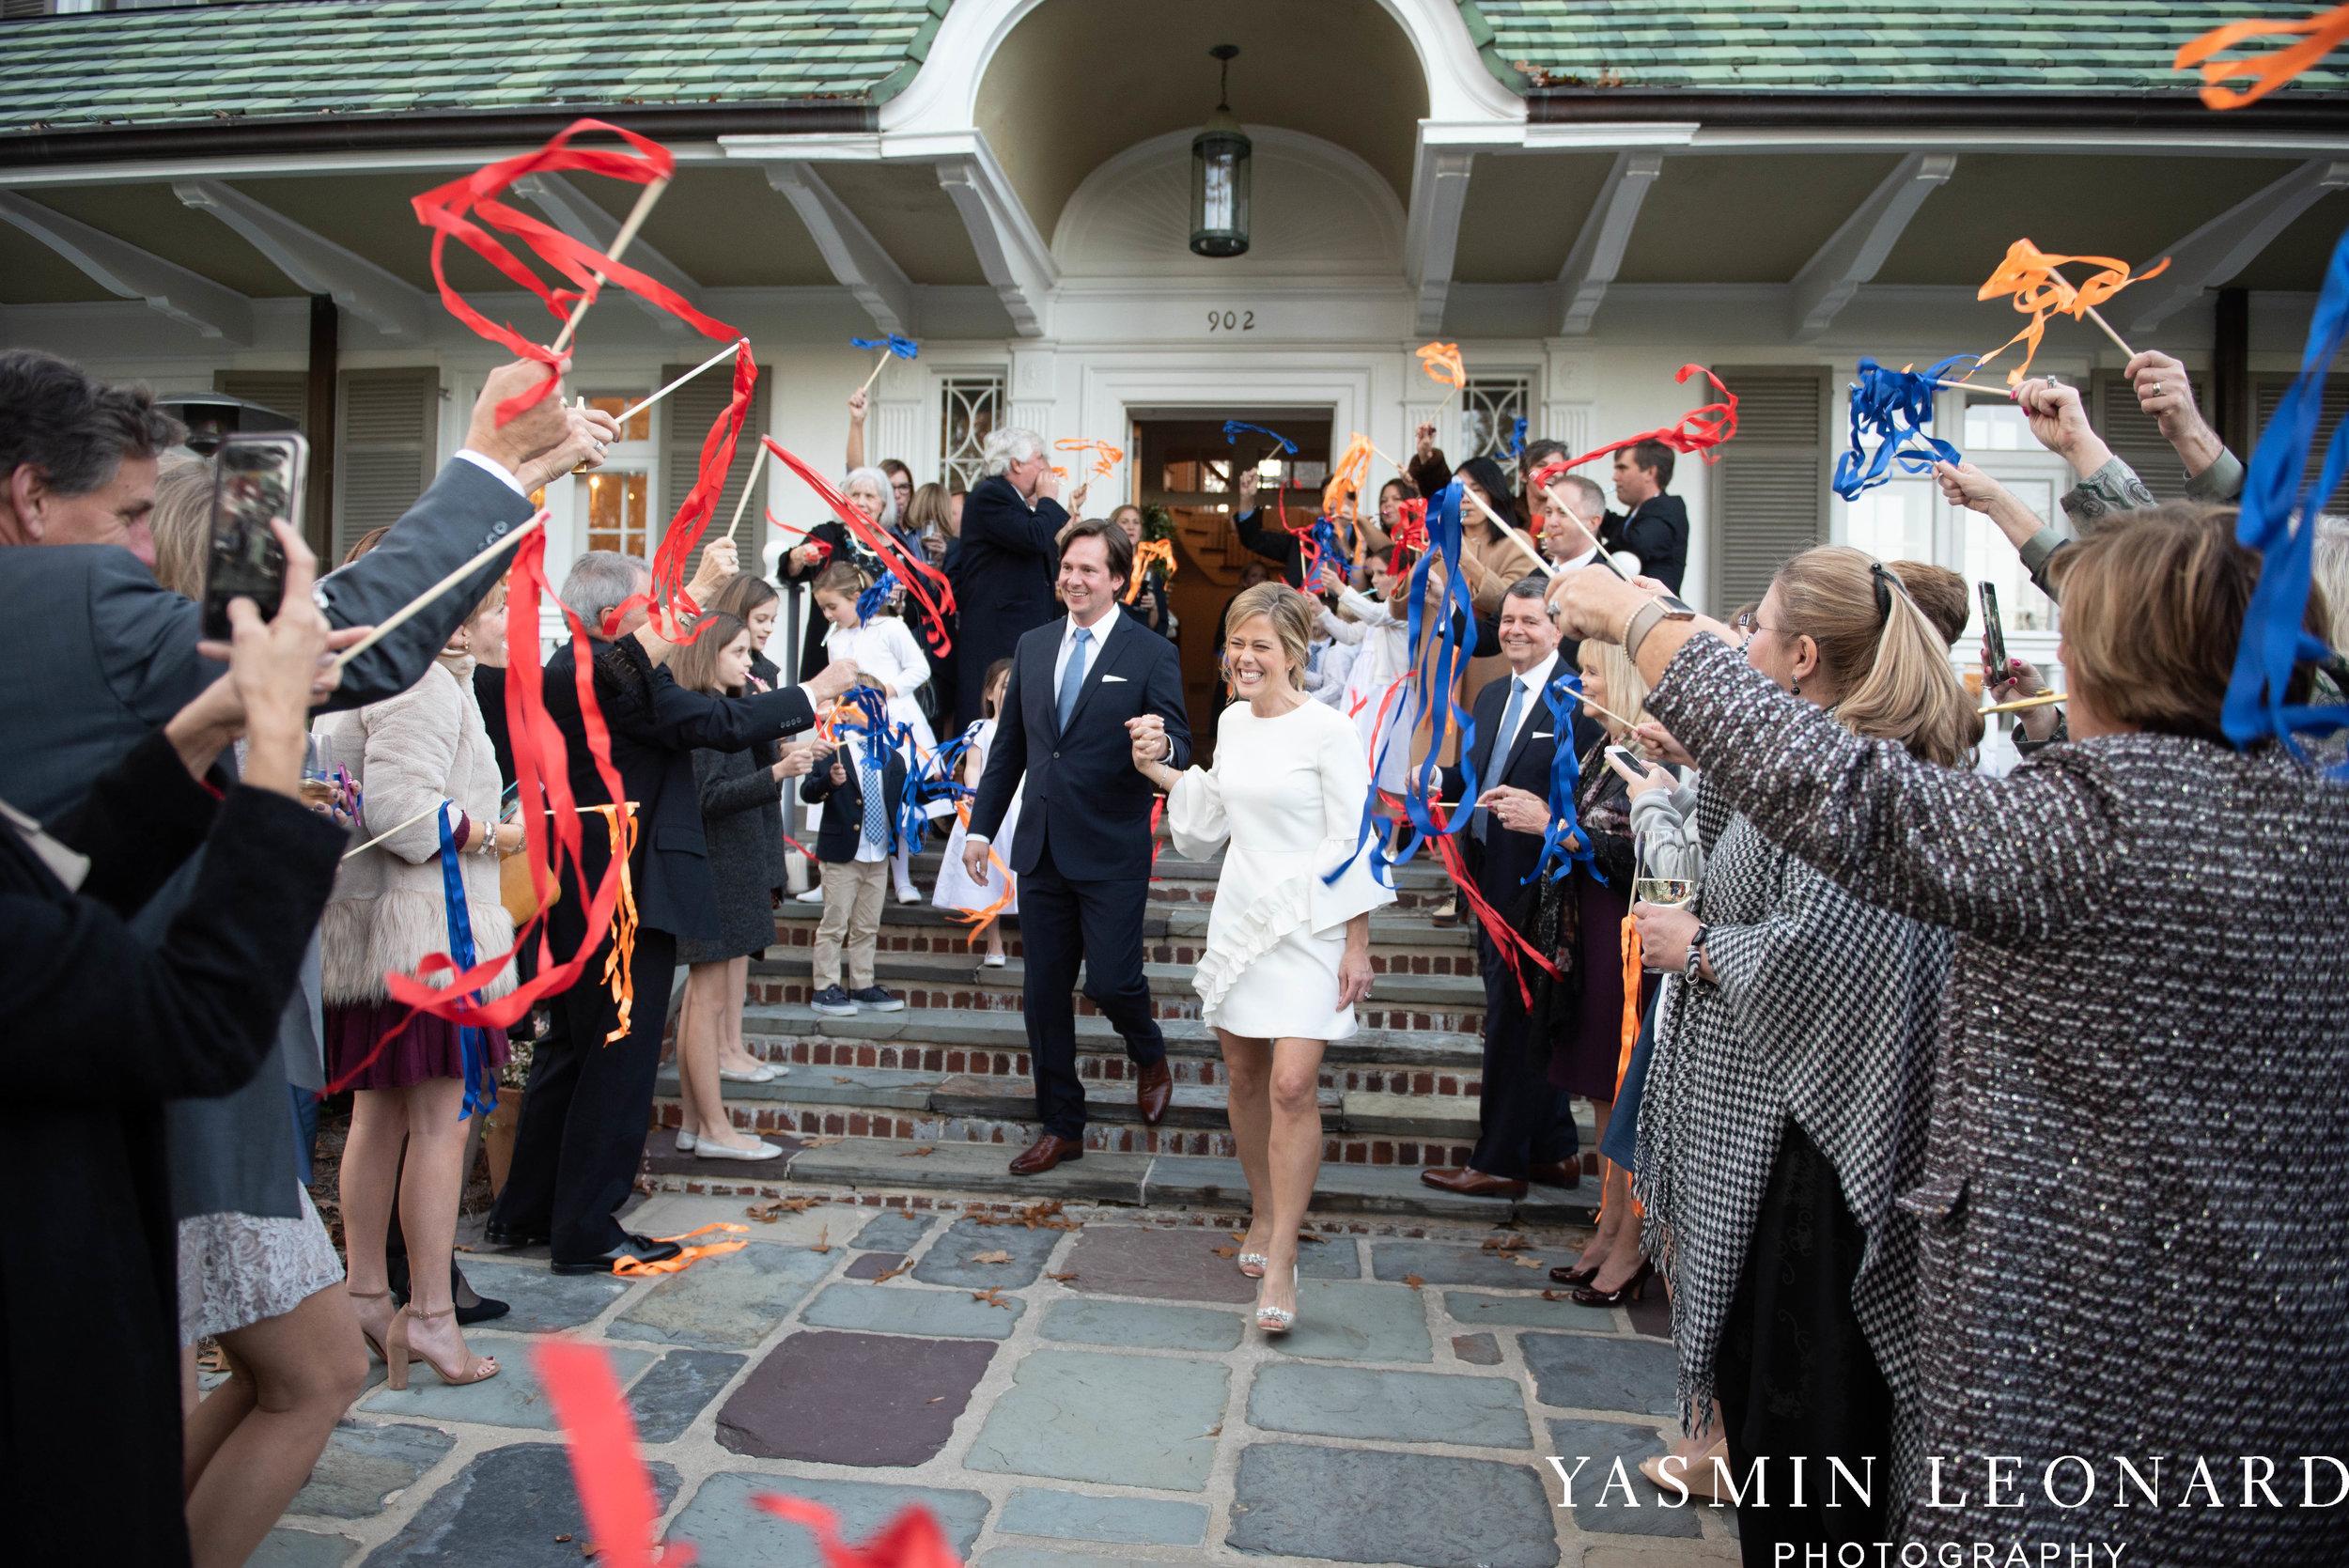 Wesley Memorial United Methodist Church - EmeryWood - High Point Weddings - High Point Wedding Photographer - NC Wedding Photographer - Yasmin Leonard Photography-75.jpg